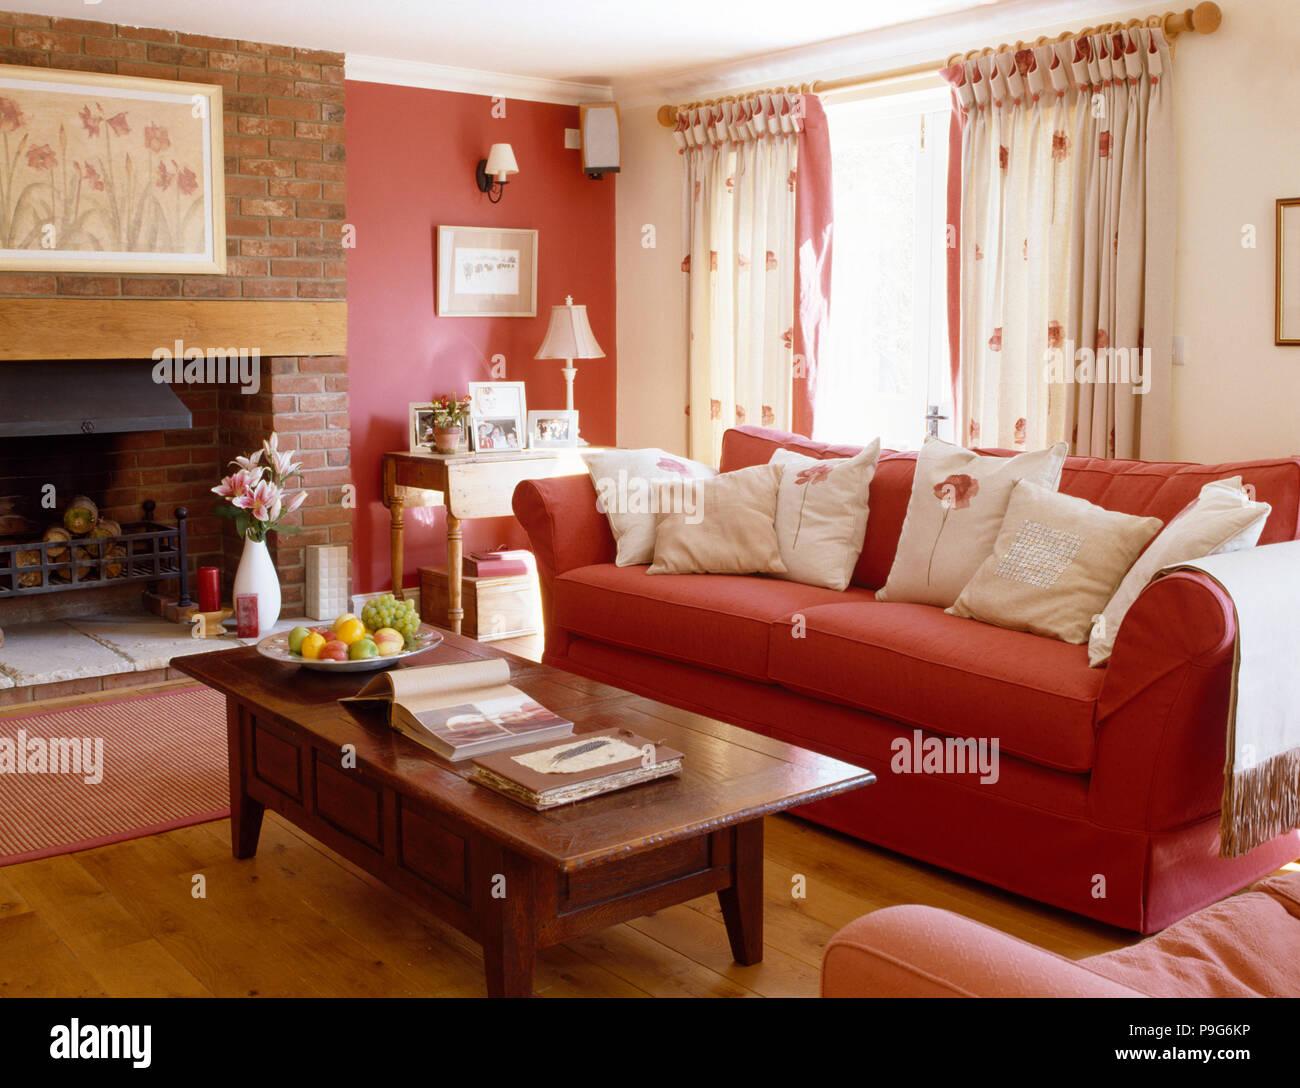 Wunderbar Wohnzimmer Mit Roter Wand Steinwand Naturstein Wandgestaltung